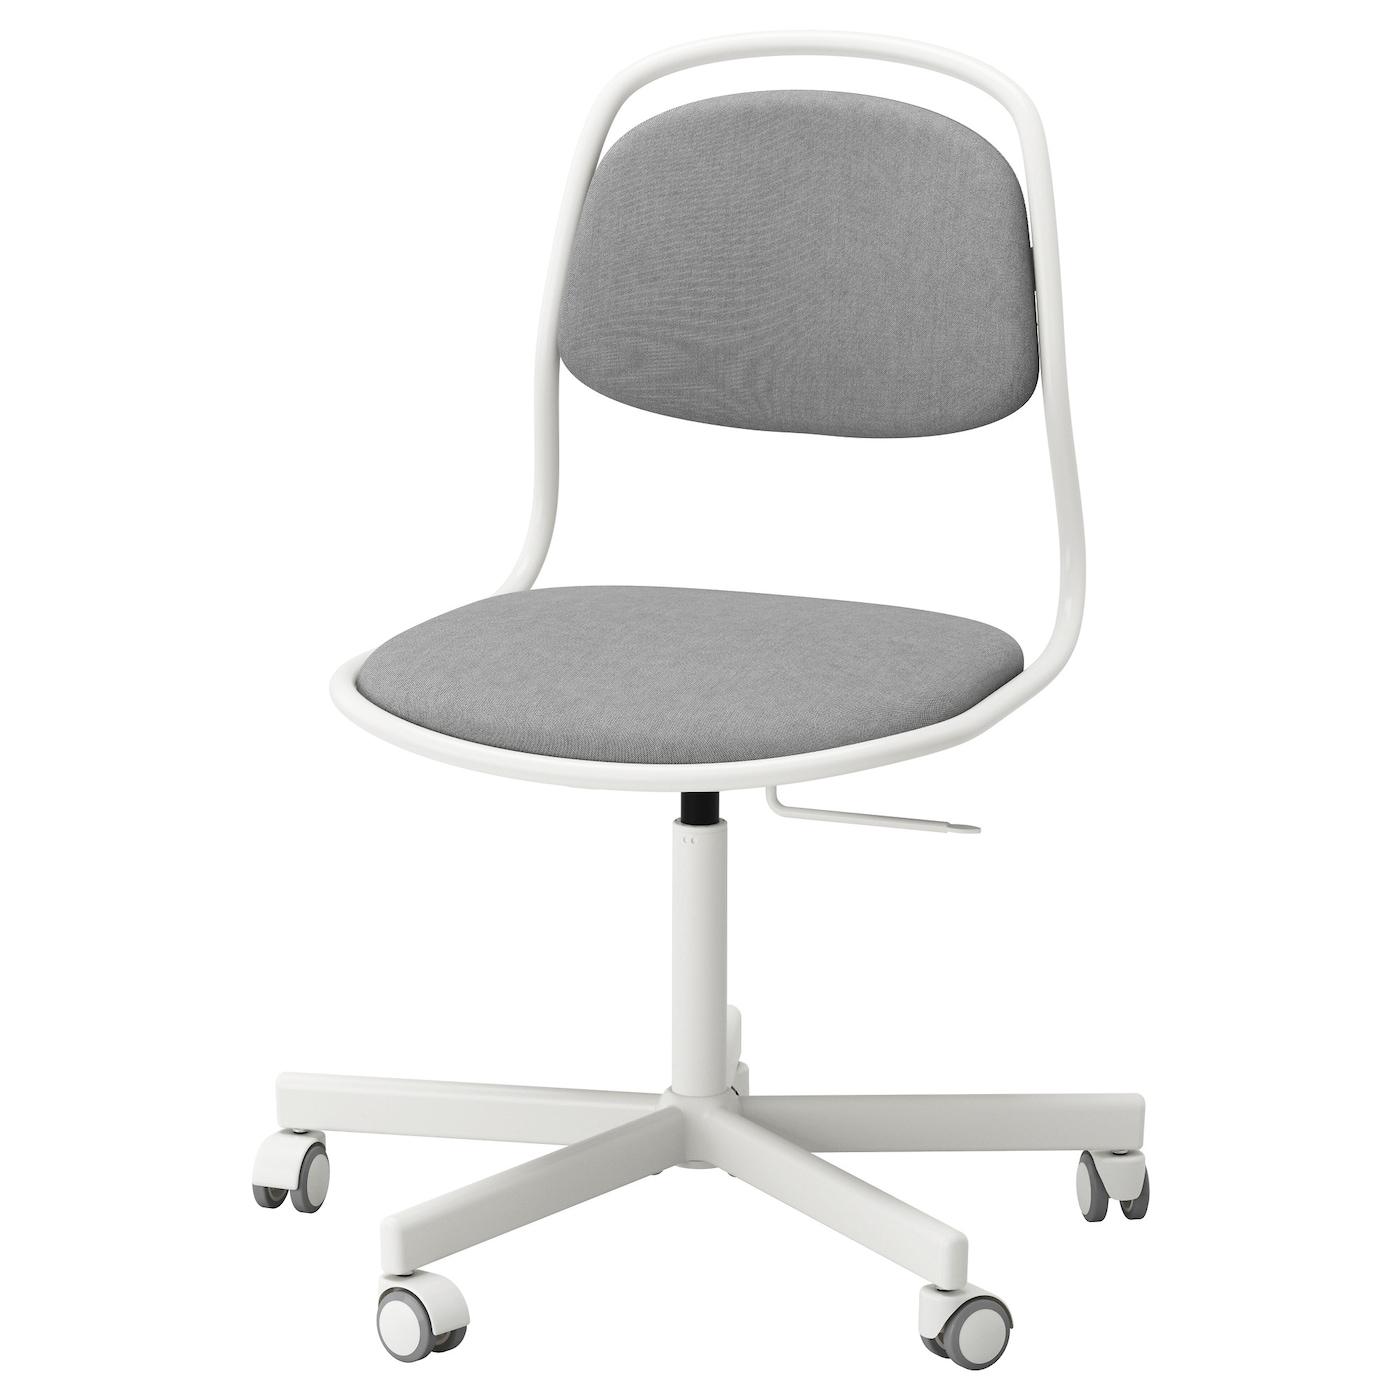 RFJ LL SPORREN Swivel Chair White Vissle Light Grey IKEA